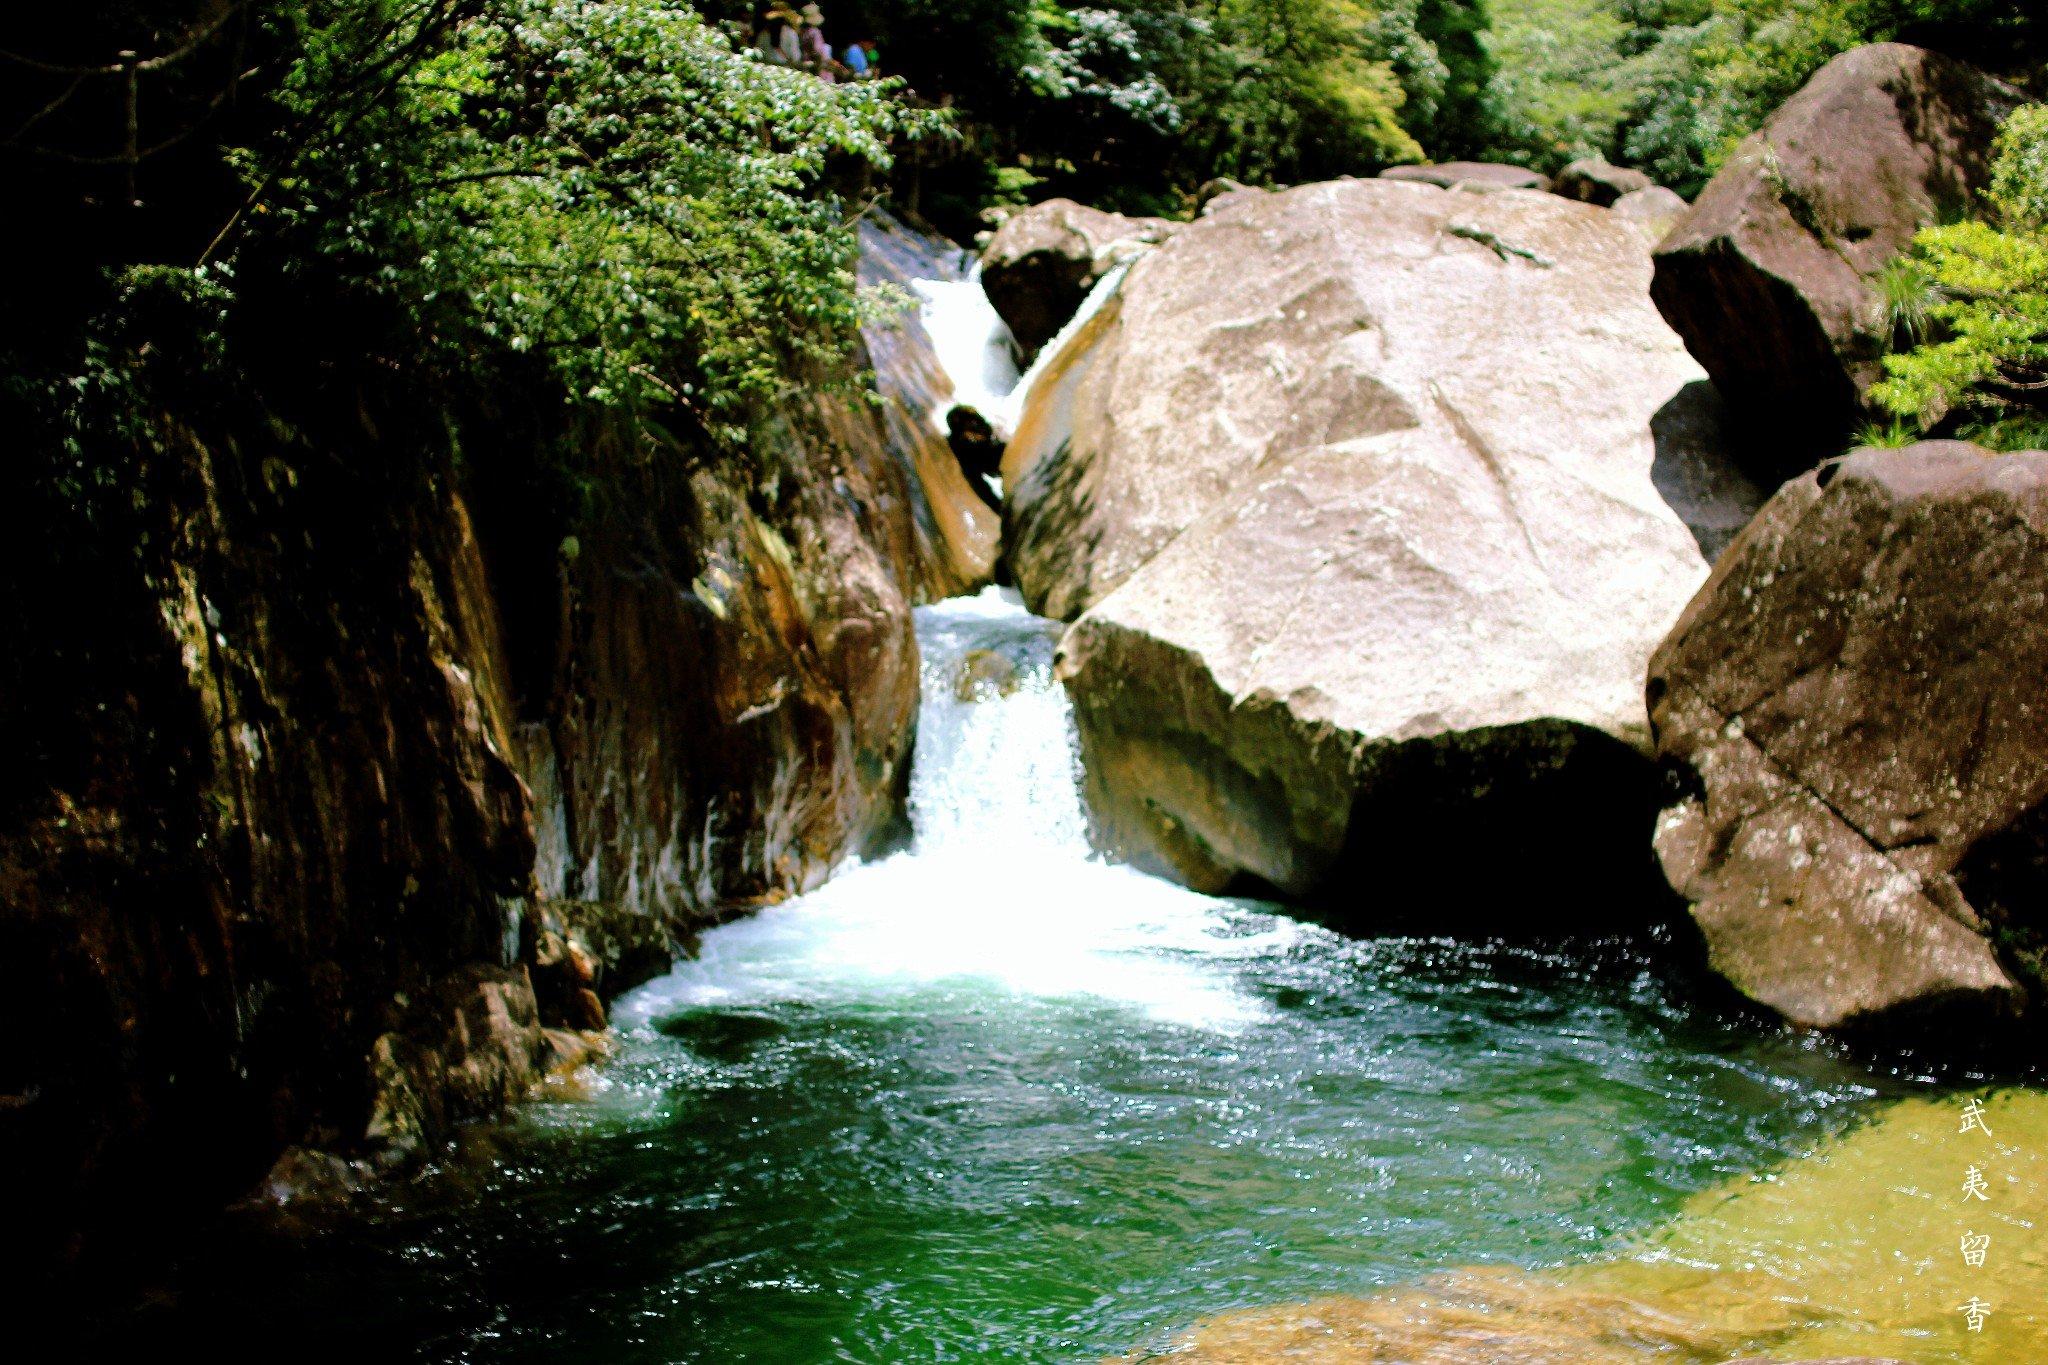 武夷留香---武夷山四天三晚深度游 带您走进主景区之外更美的武夷山水